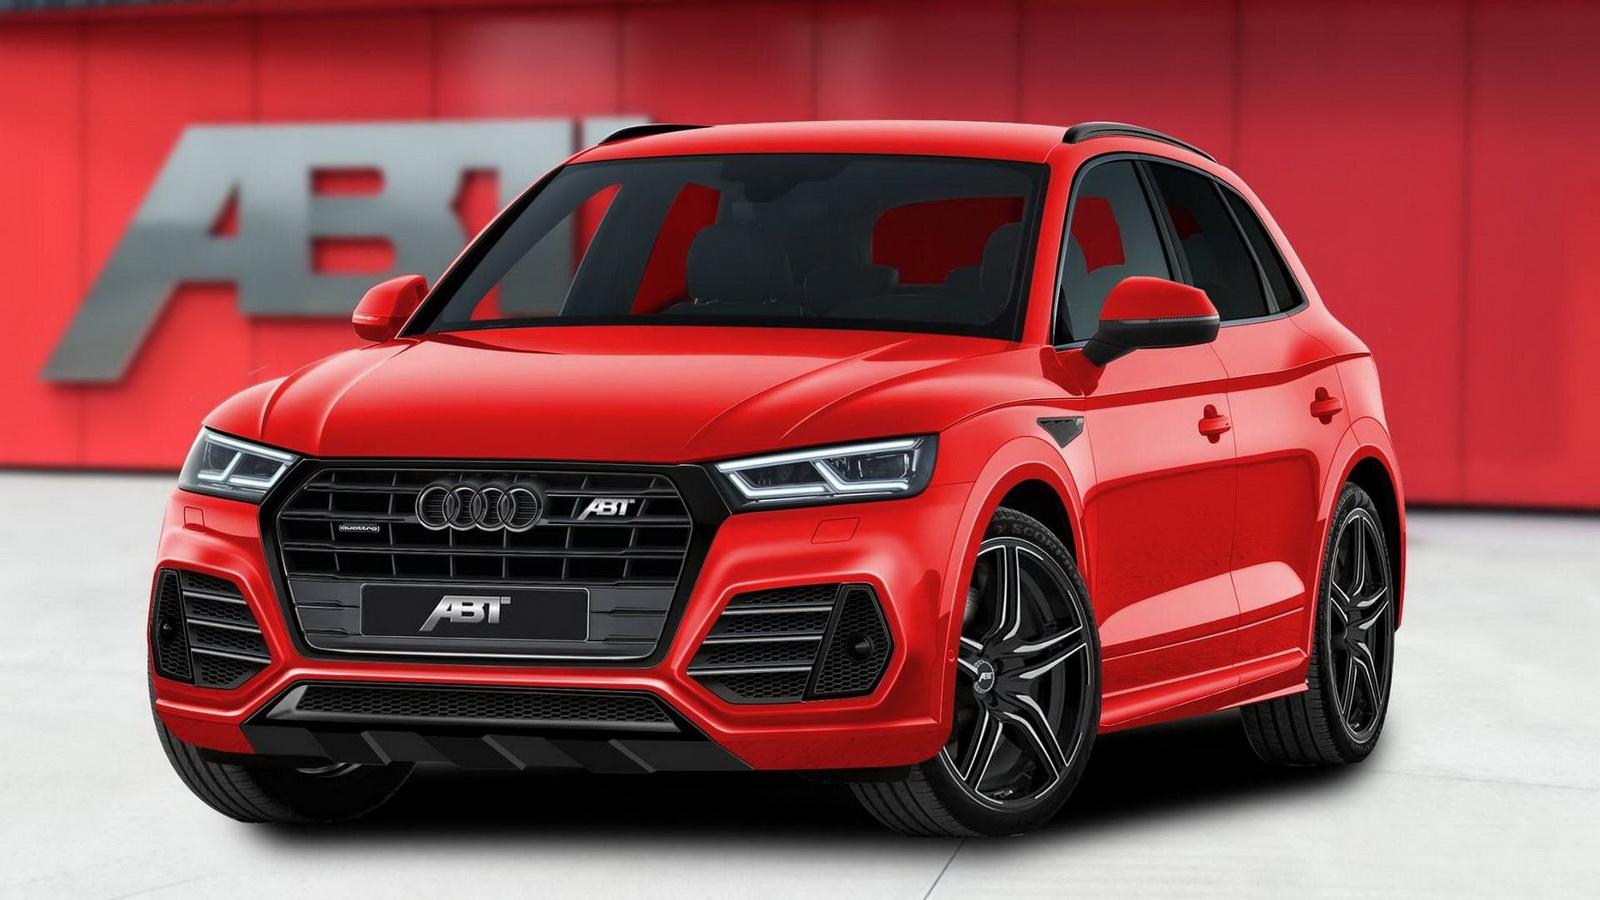 Audi SQ5 por ABT: 425 CV y un kit estético que no deja indiferente